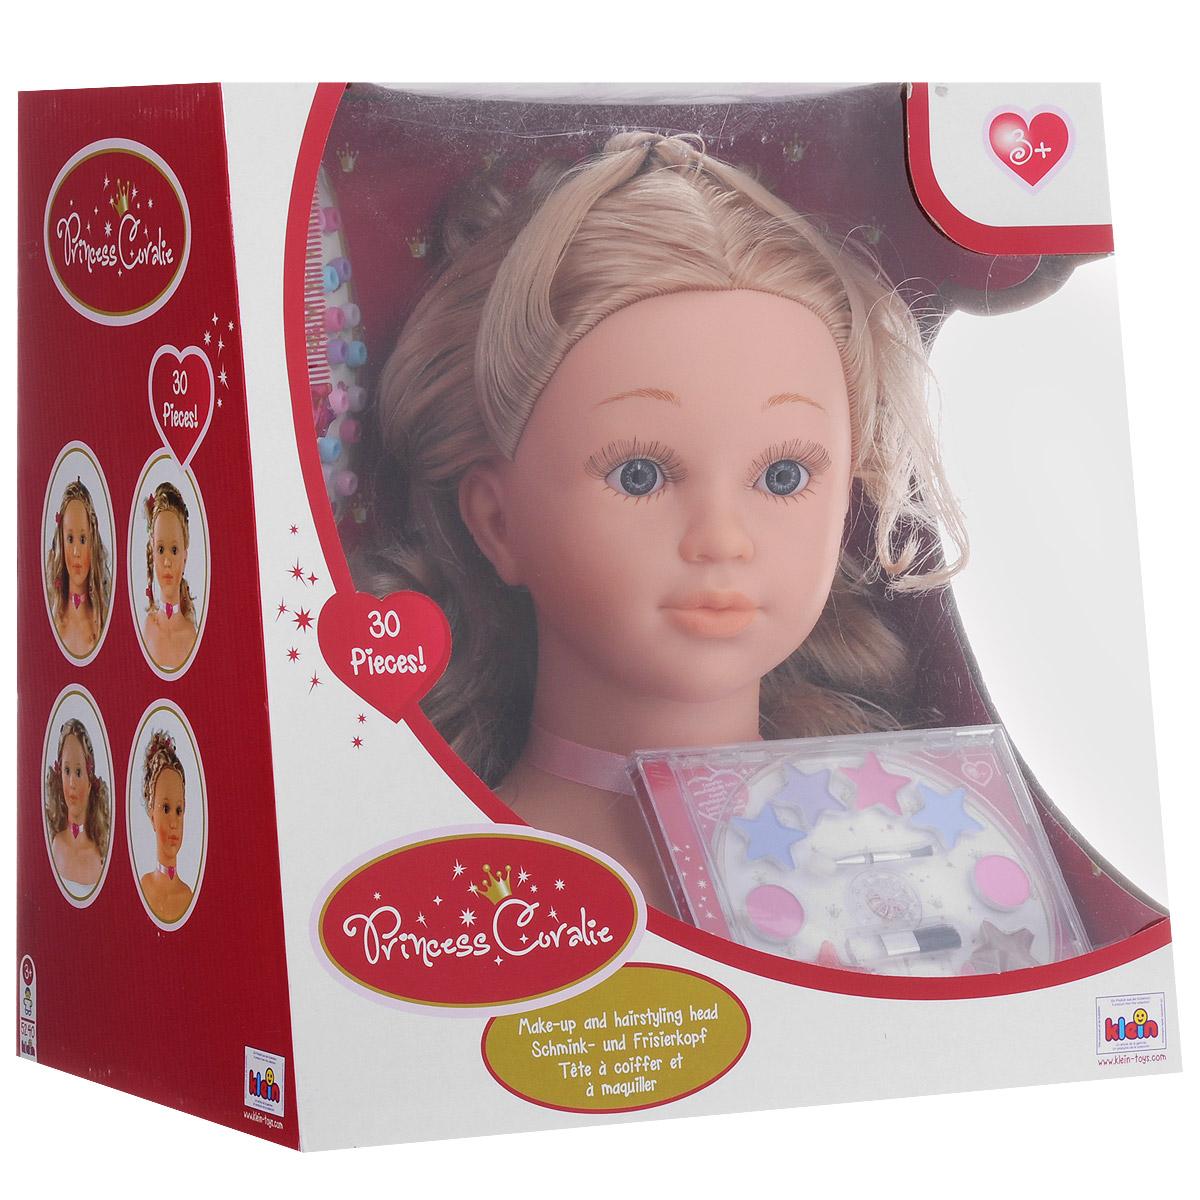 Игровой набор Klein Princess Coralie. Модель для макияжа и причесок, 30 предметов5240Игровой набор Klein Princess Coralie. Модель для макияжа и причесок непременно понравится вашей малышке! Набор включает торс куклы с длинными светлыми волосами, расческу, гребешок, 2 заколки-зажима, 7 крабиков, заплетенную в косичку прядь волос голубого цвета, 14 маленьких заколочек, специальную насадку для закрепления их на волосах, а также пластиковый футляр с детской косметикой: 2 румянами, 4 тенями, 4 блесками для губ, 2 двусторонними аппликаторами. Ваша малышка часами будет играть с этим набором, устраивая дома свою парикмахерскую. Порадуйте ее таким замечательным подарком!